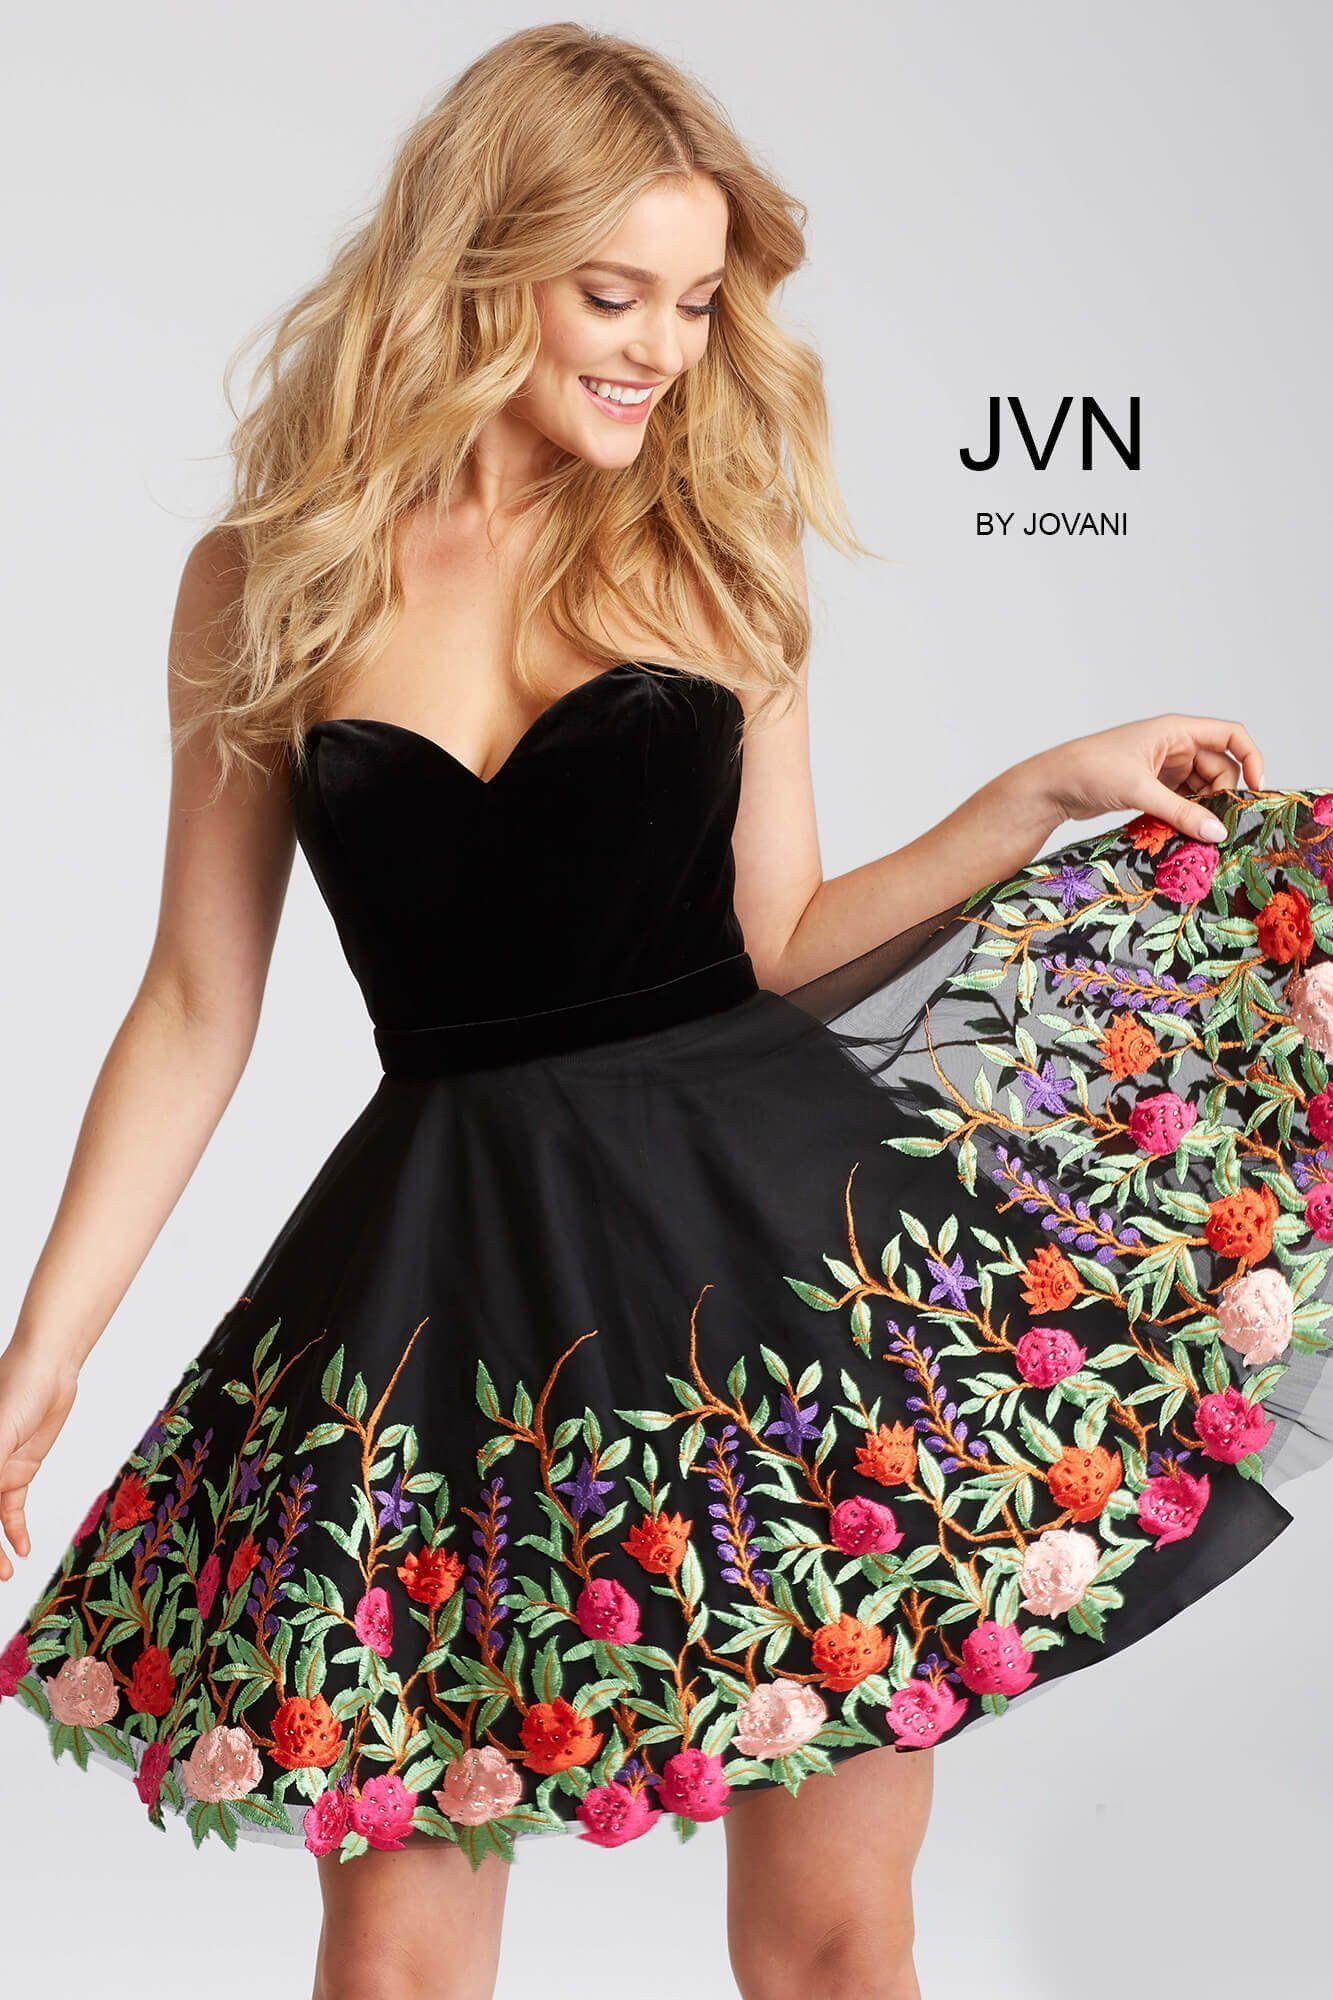 Jovani jvn sweetheart neckline dress with floral skirt